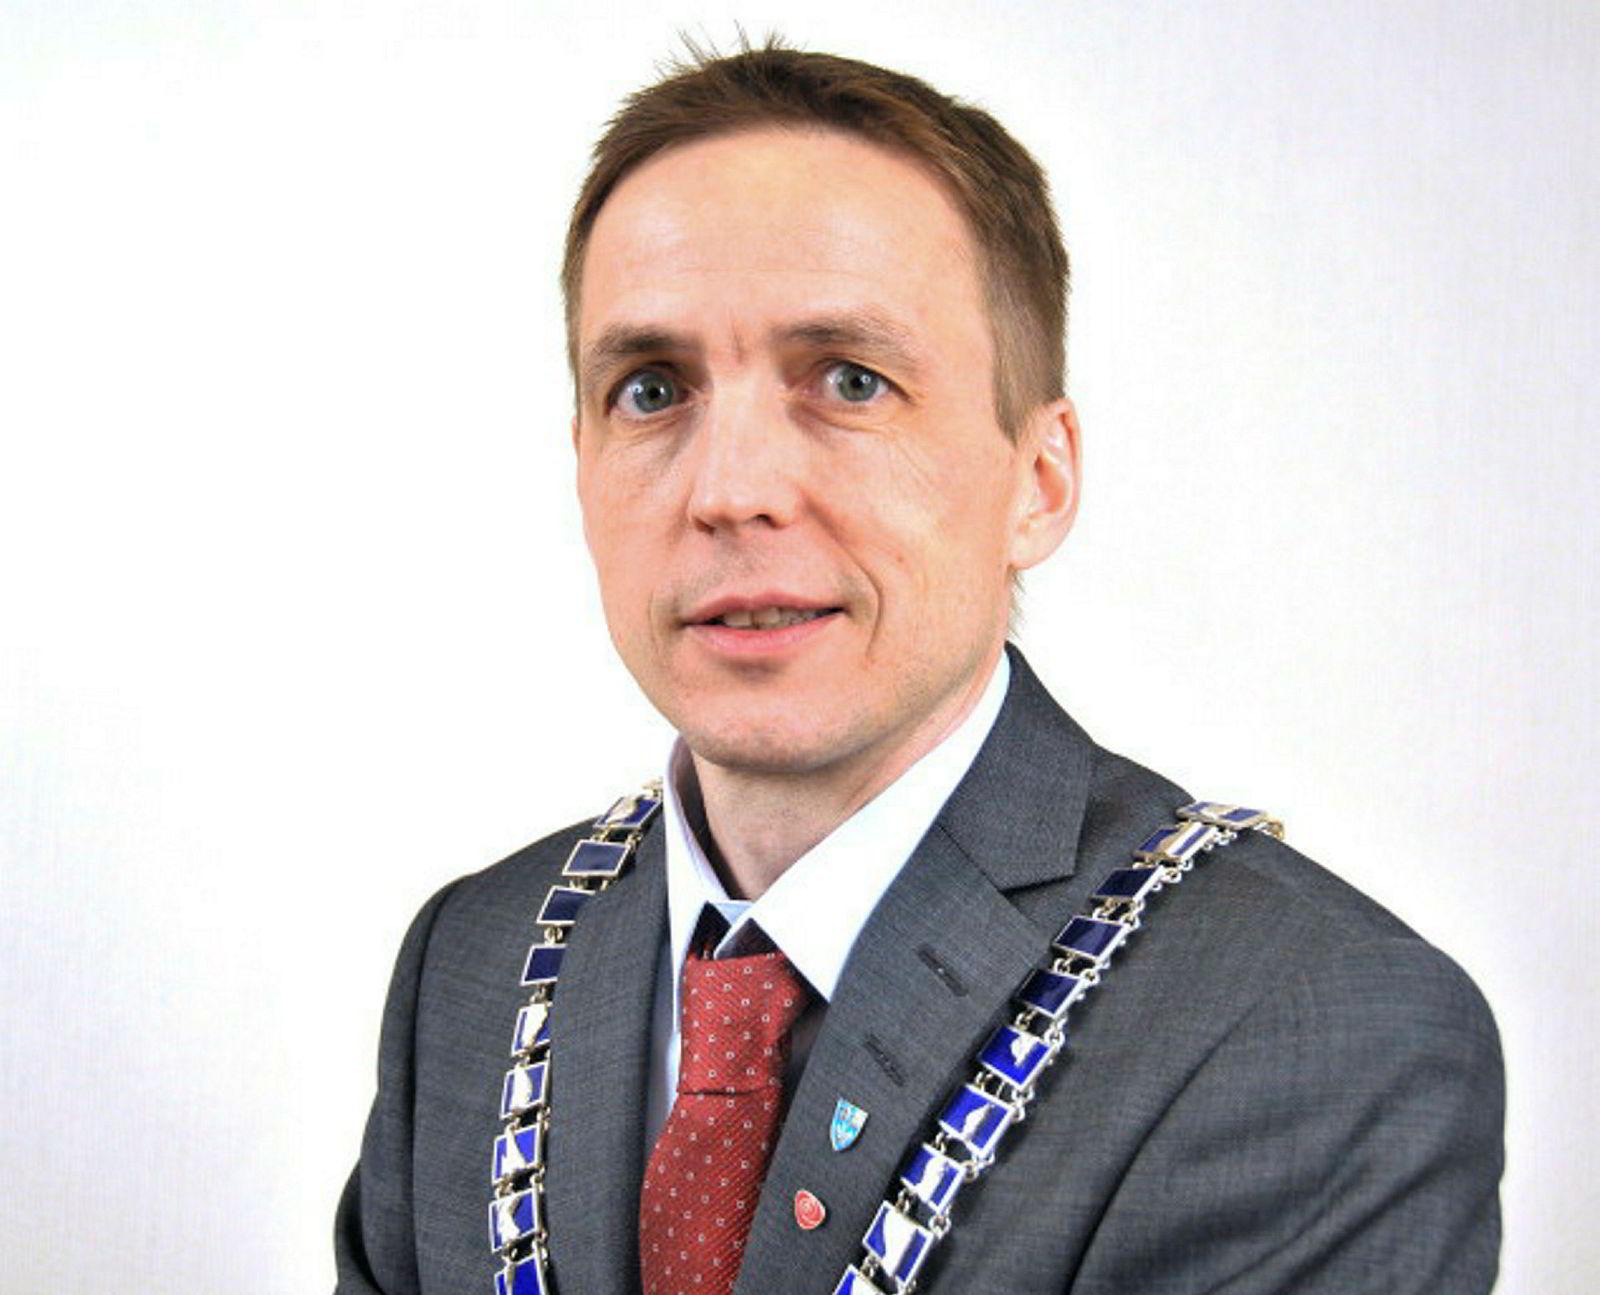 Ordfører Sigurd Stormo i Meløy kommune.